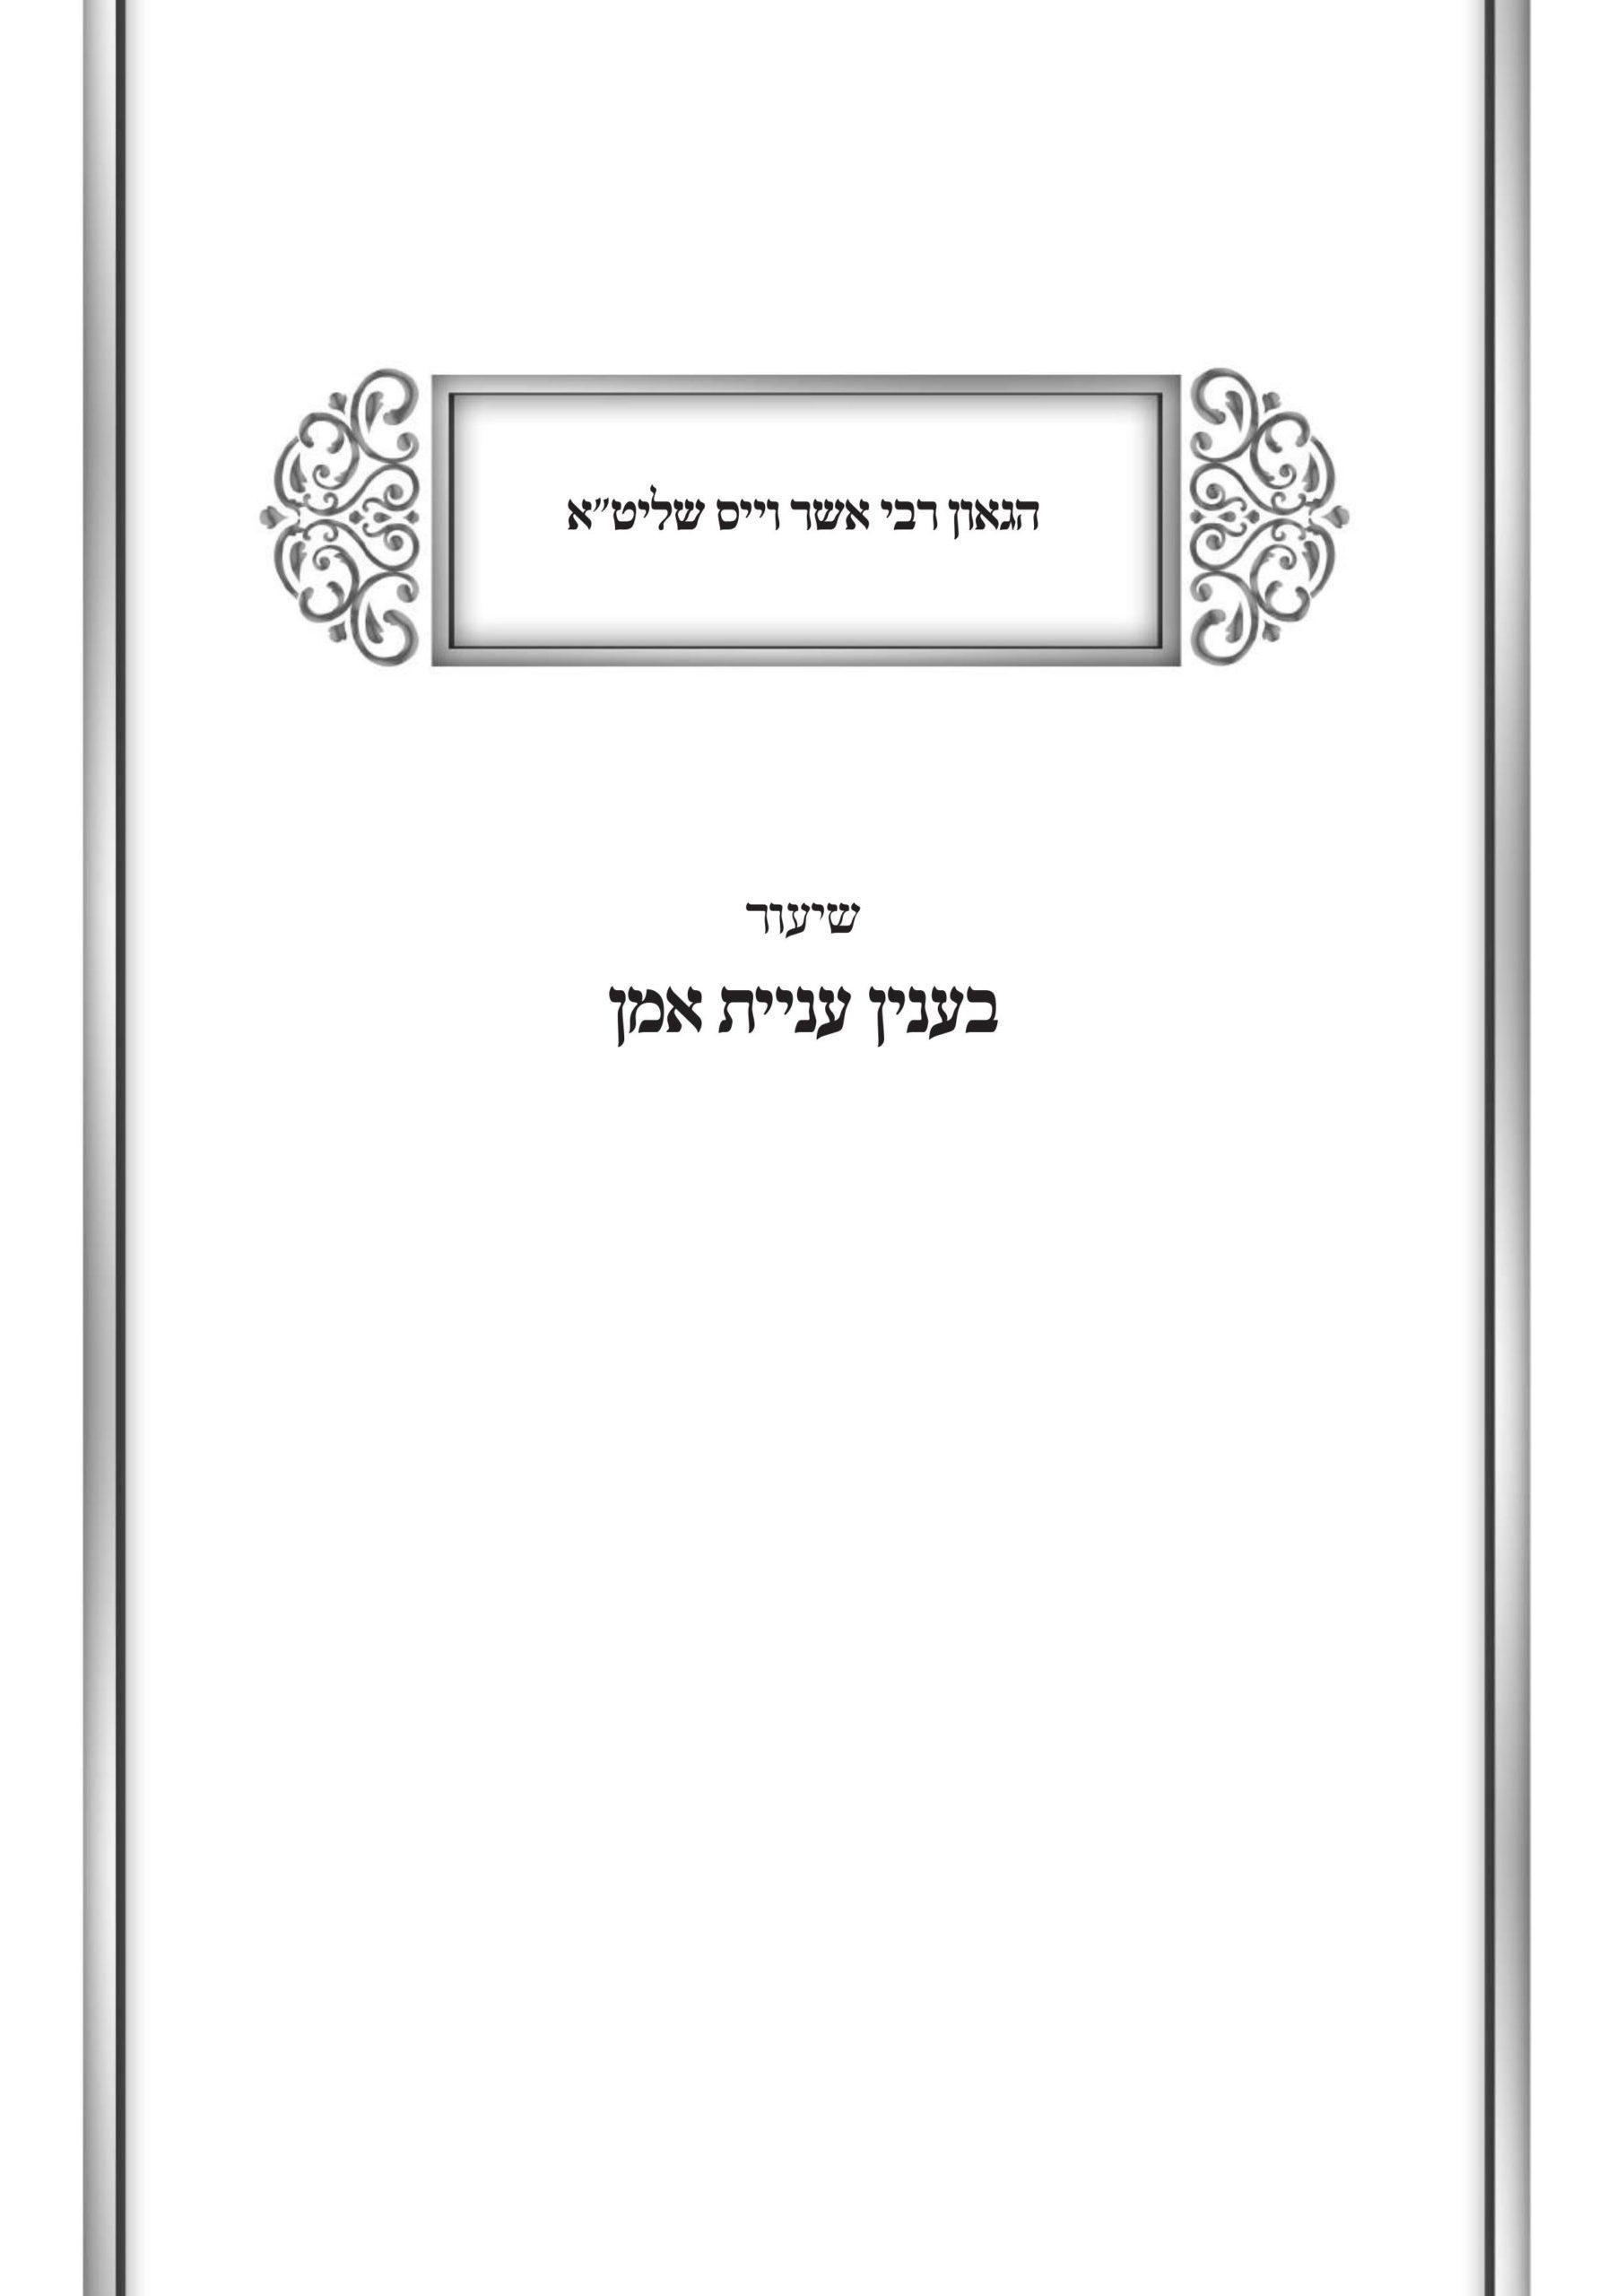 VYK 6.14.20 HaRav Asher Weiss